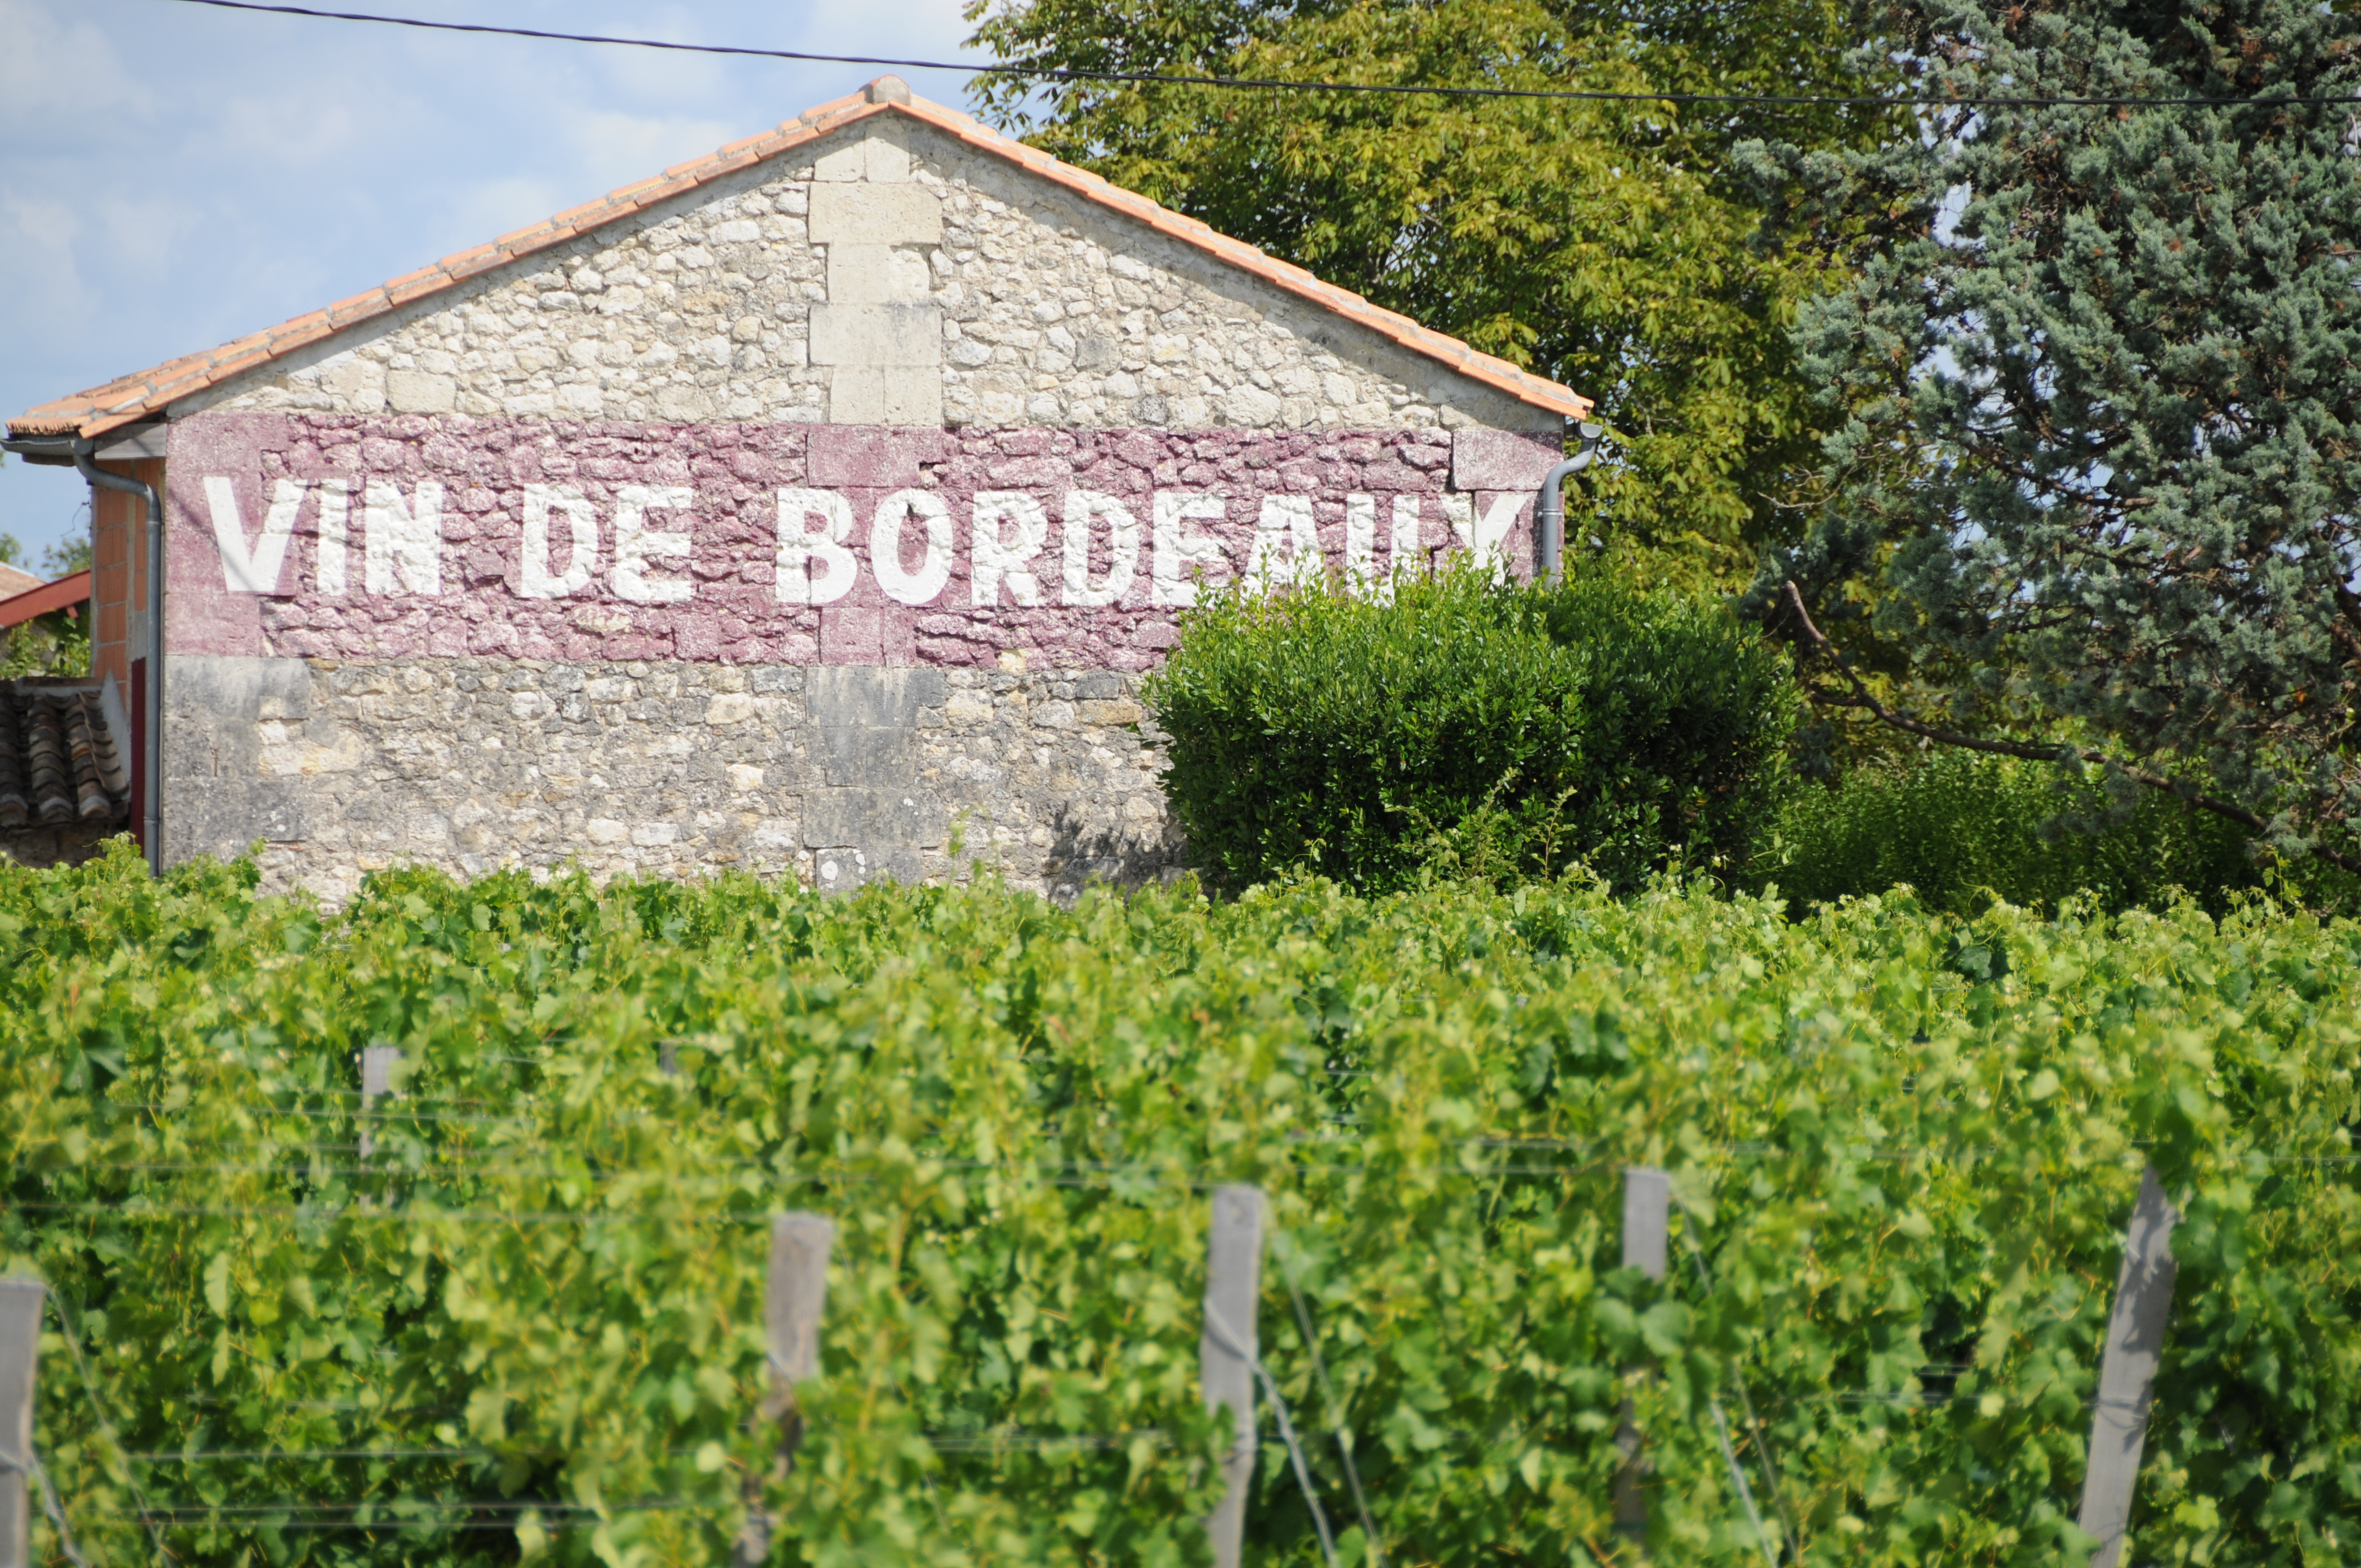 Blaye Bordeaux 159